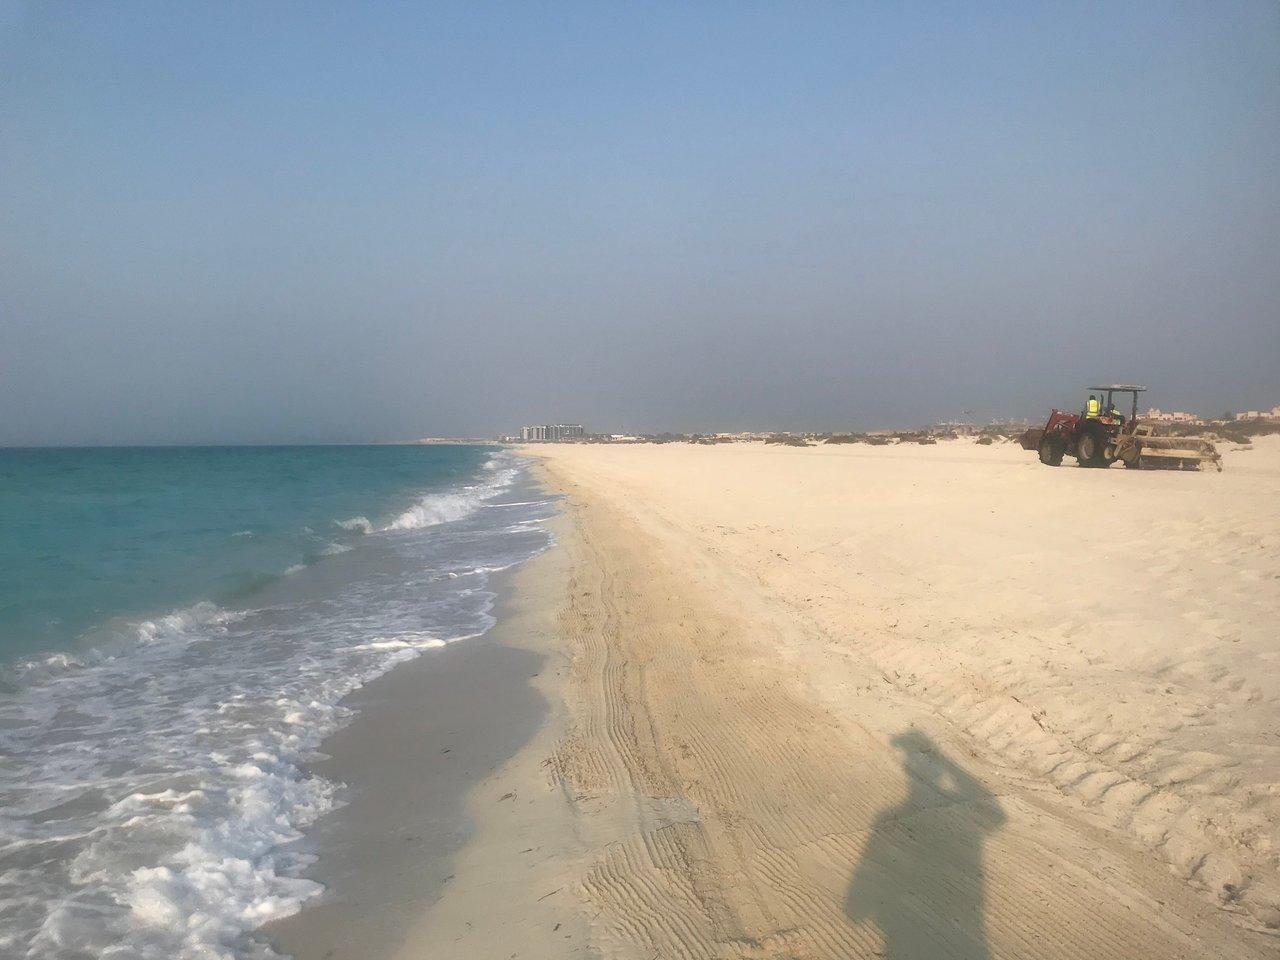 Saadiyat Public Beach Abu Dhabi 2019 All You Need To